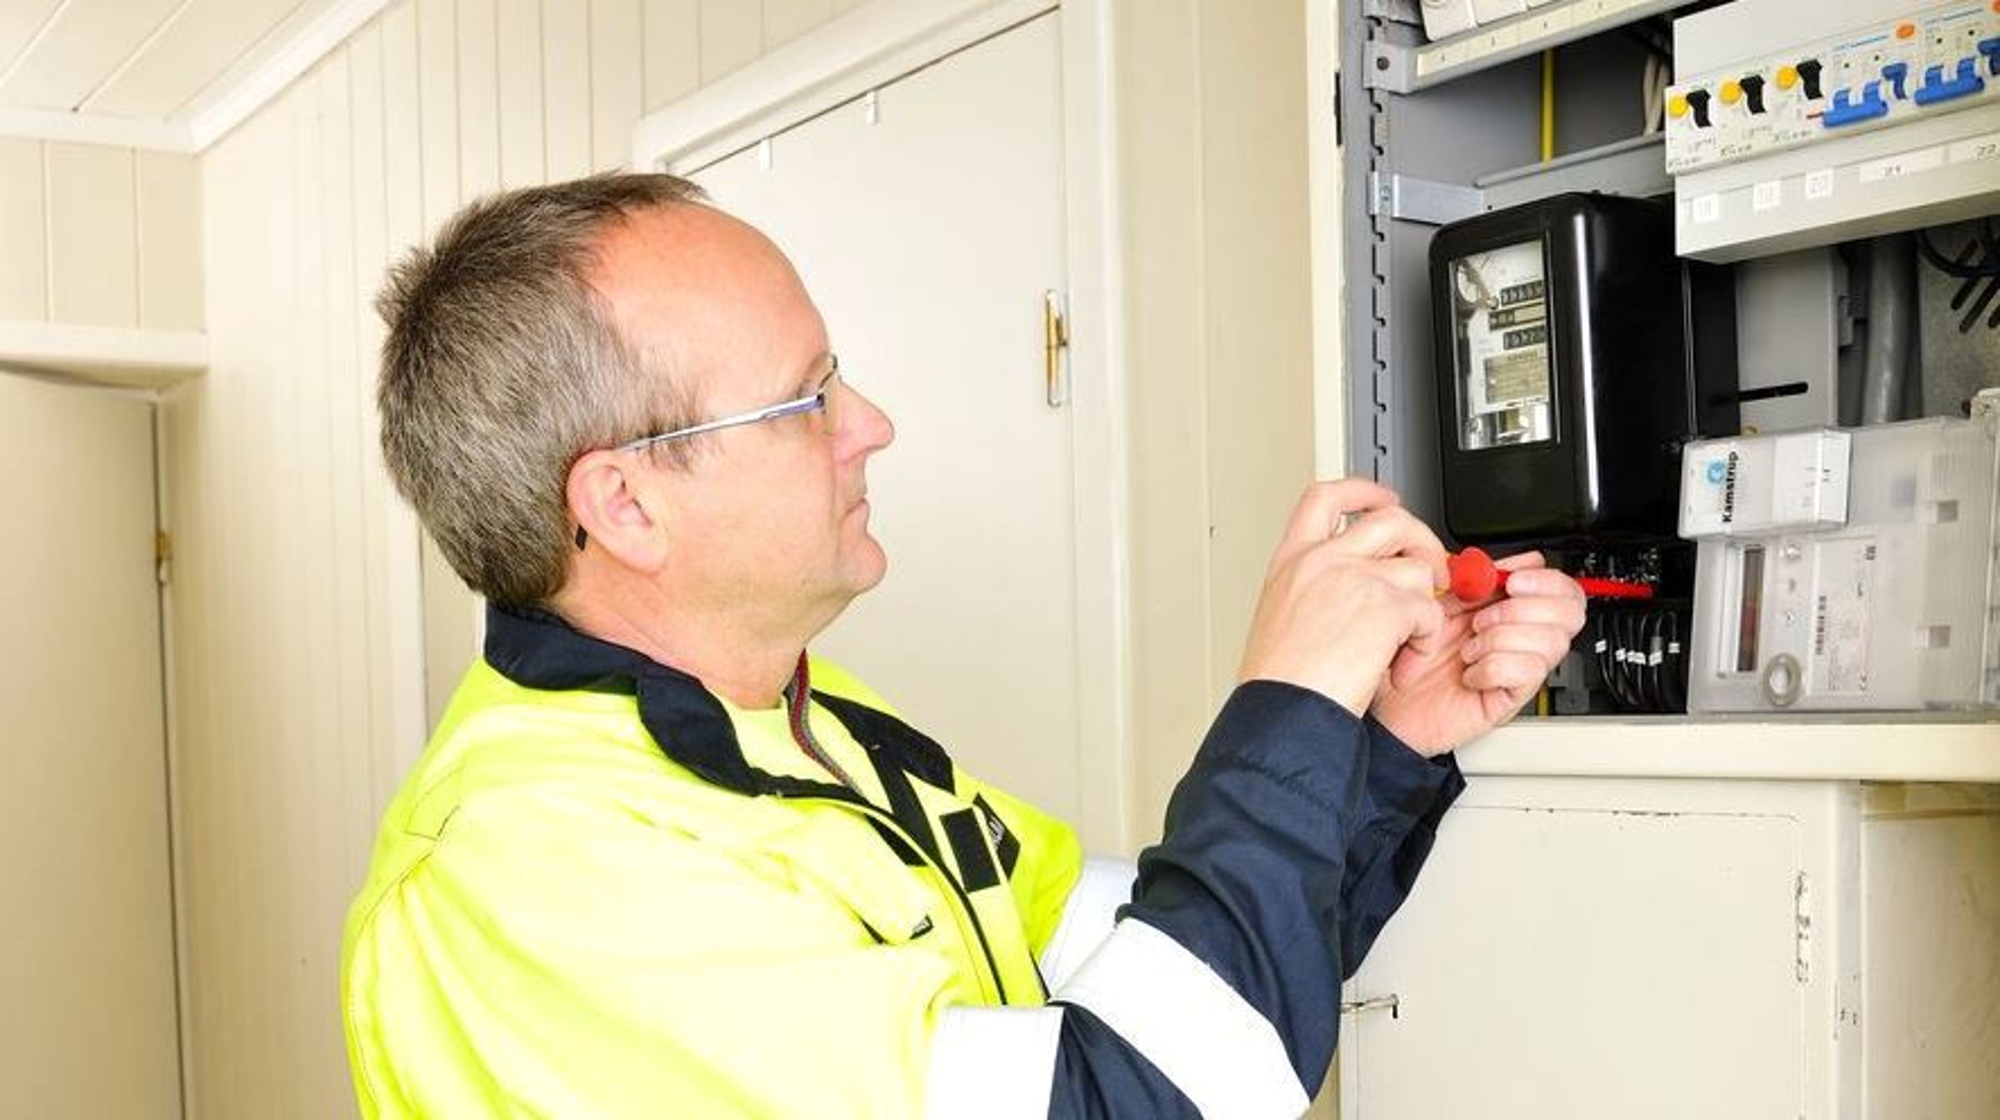 Ringerike-Kraft var tidlig ute med å rulle ut smarte strømmålere hos sine kunder. Nå gjør de god butikk av erfaringene gjennom datterselskapet Ringeriks-Kraft Service. Illustrasjonsbilde.